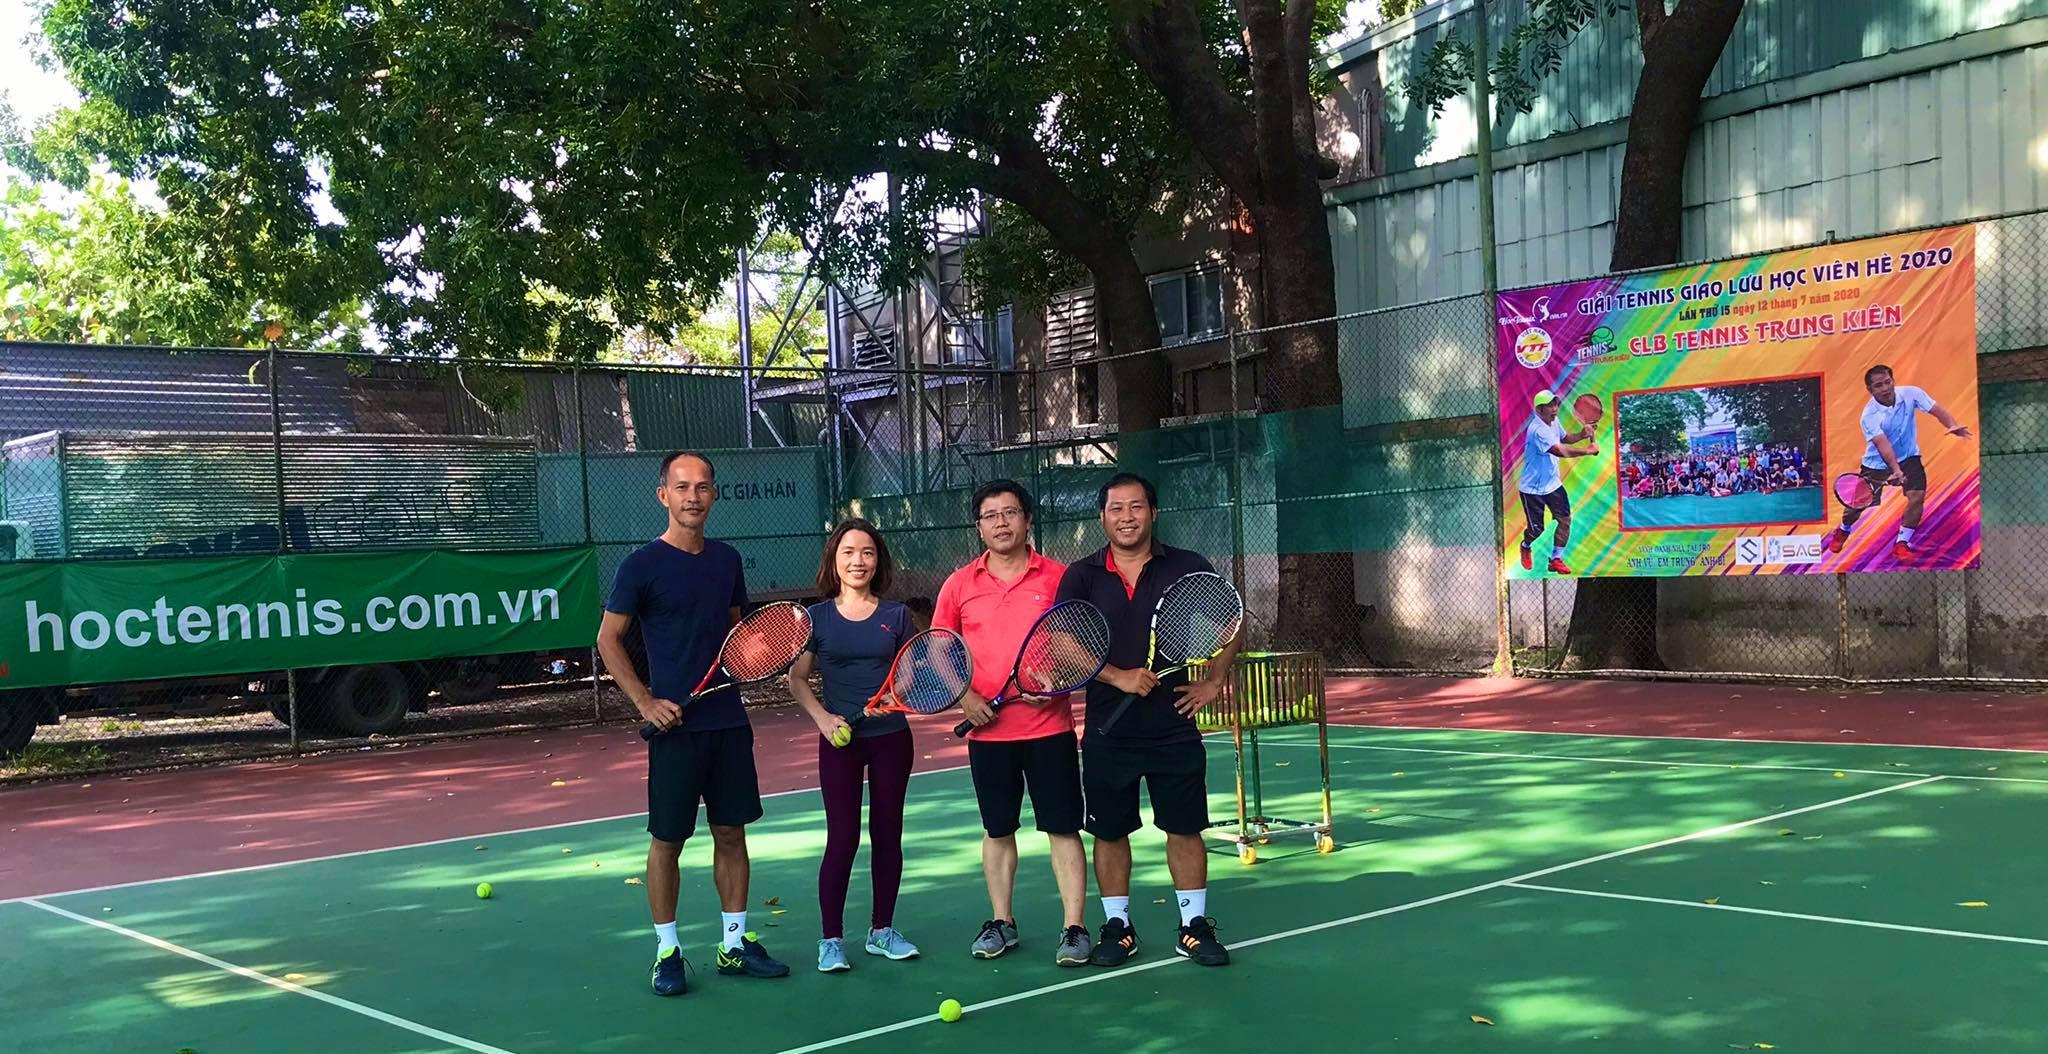 Dạy tennis tại TP HCM chất lượng - Trung Kiên Tennis